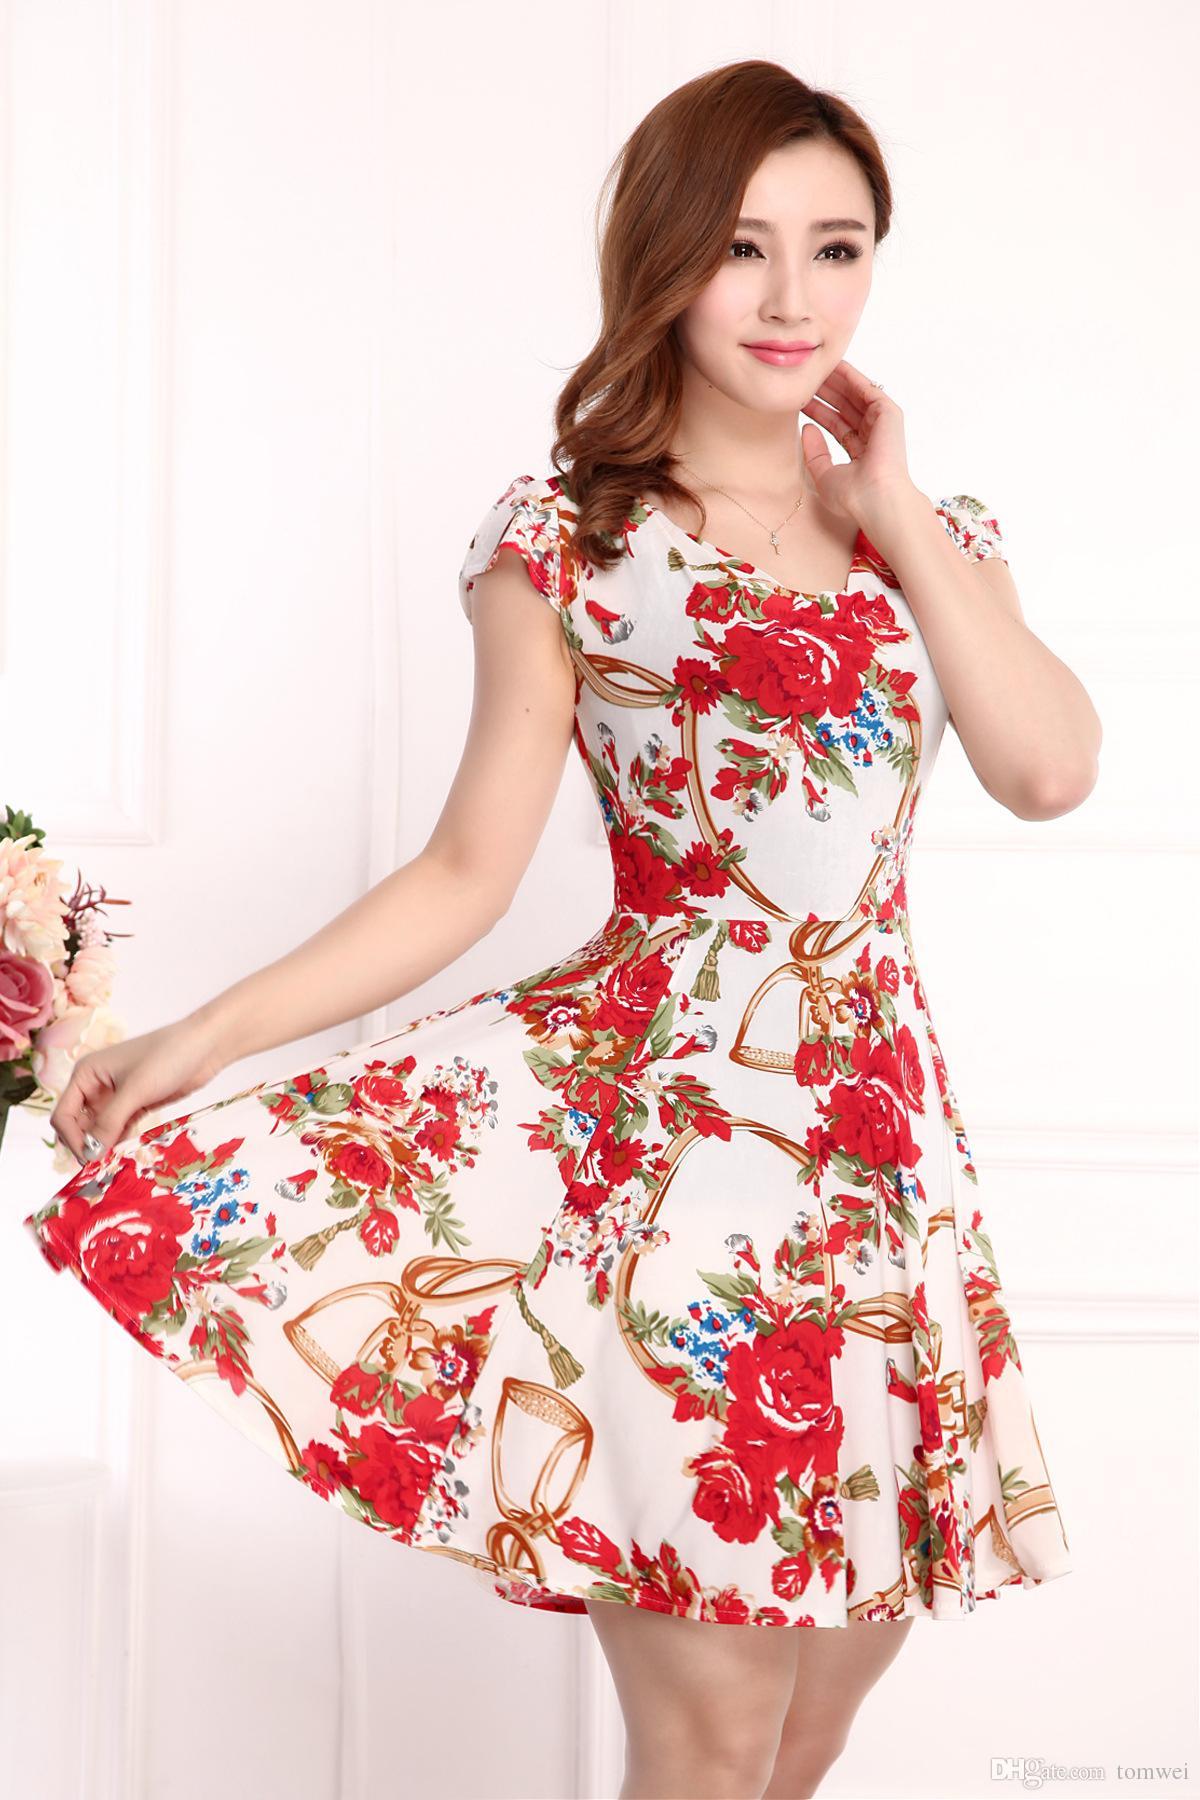 Imagenes de vestidos casuales para verano